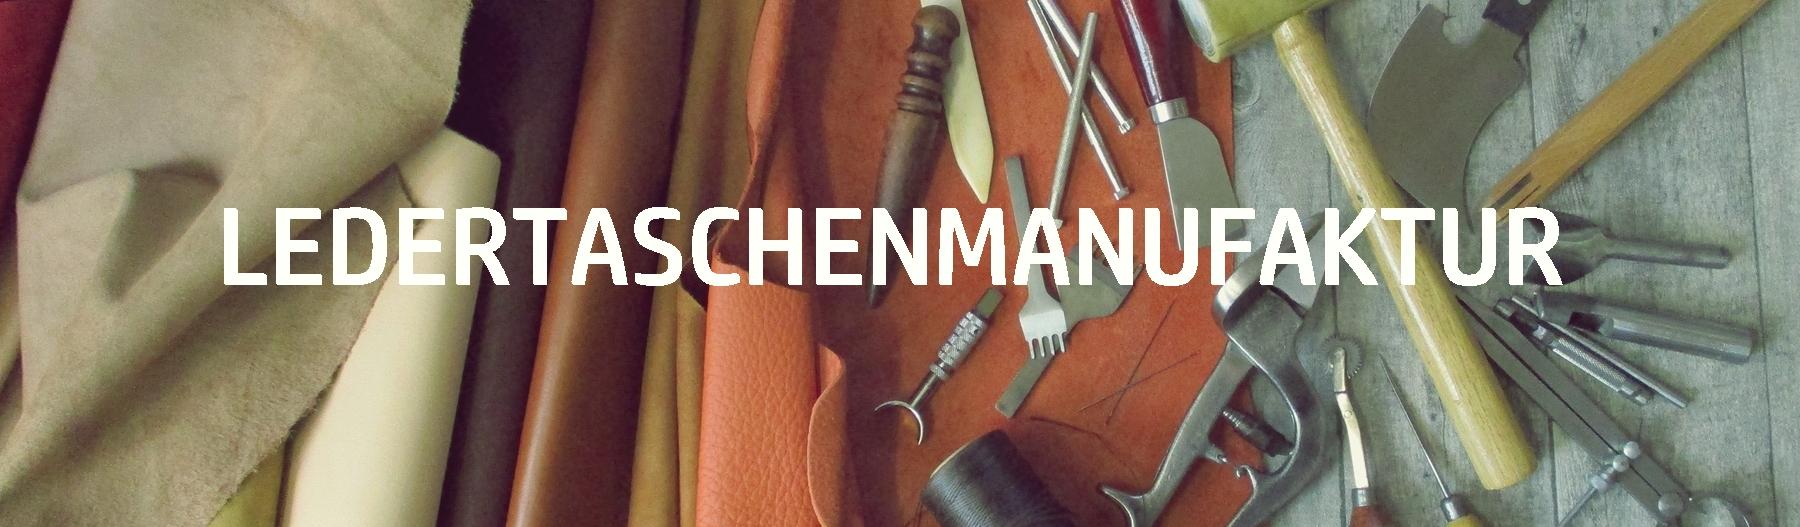 Banner von LEDERTASCHENMANUFAKTUR